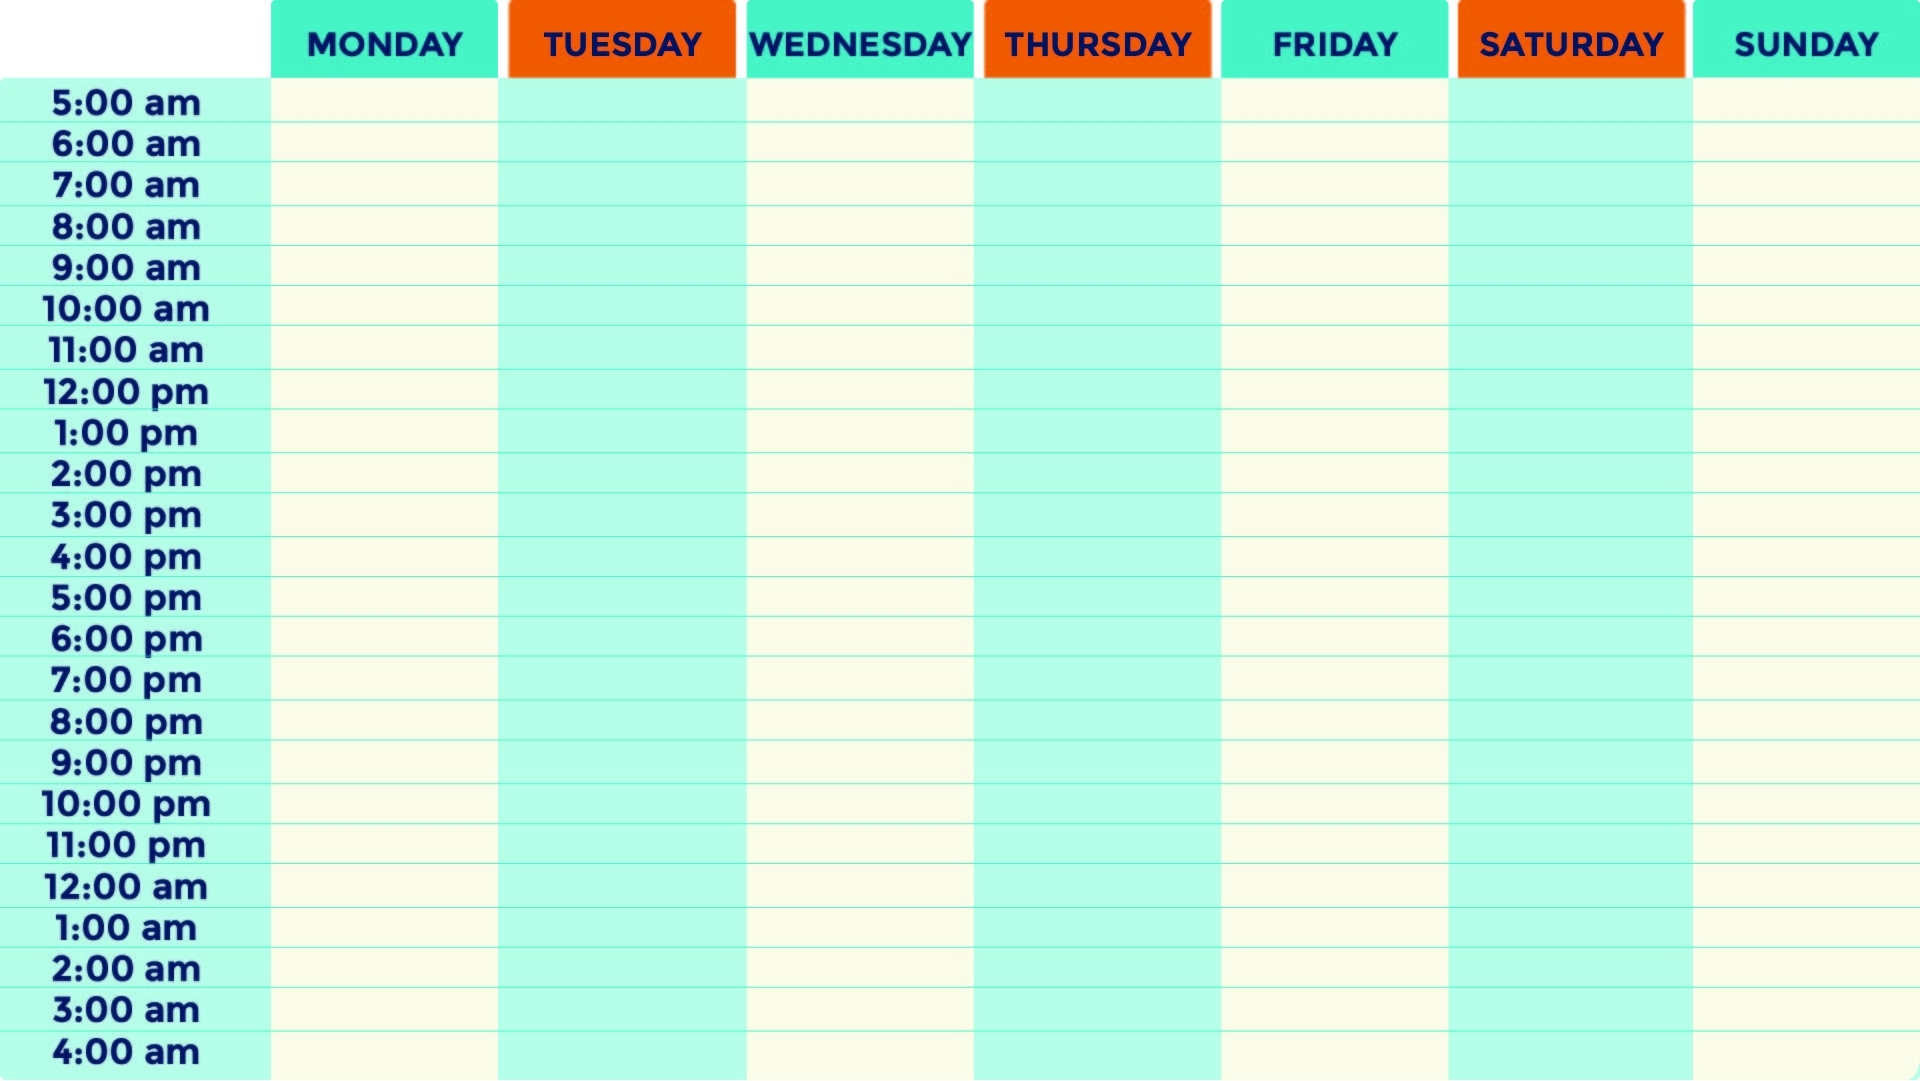 9 Best Printable Blank Weekly Time Slots - Printablee